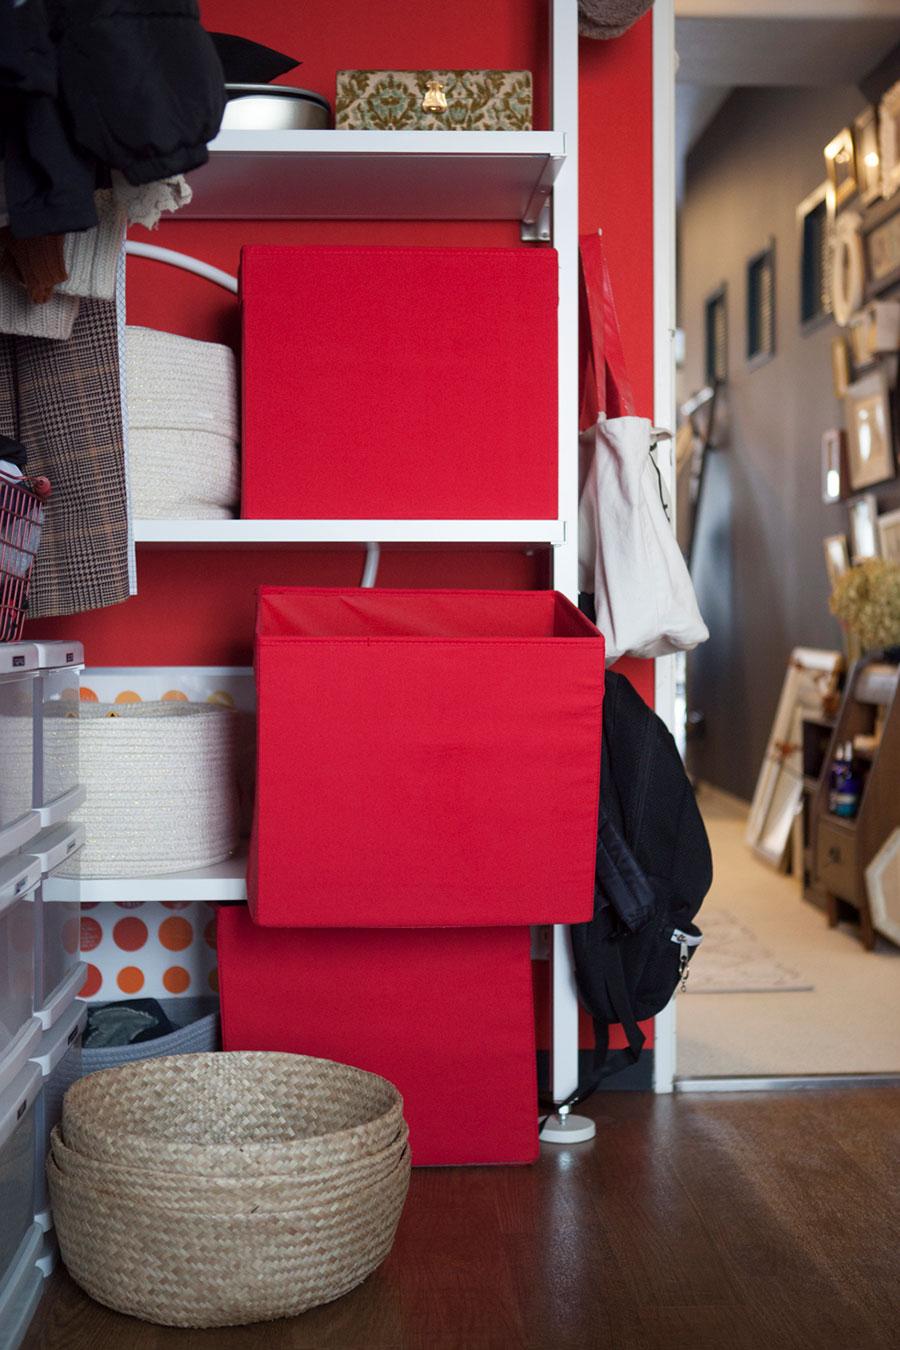 子どもたちの学用品はそれぞれ赤いBOXに。床上のかごには1人分ずつ洗濯ものを入れておき、自分で片づけさせるようにしている。